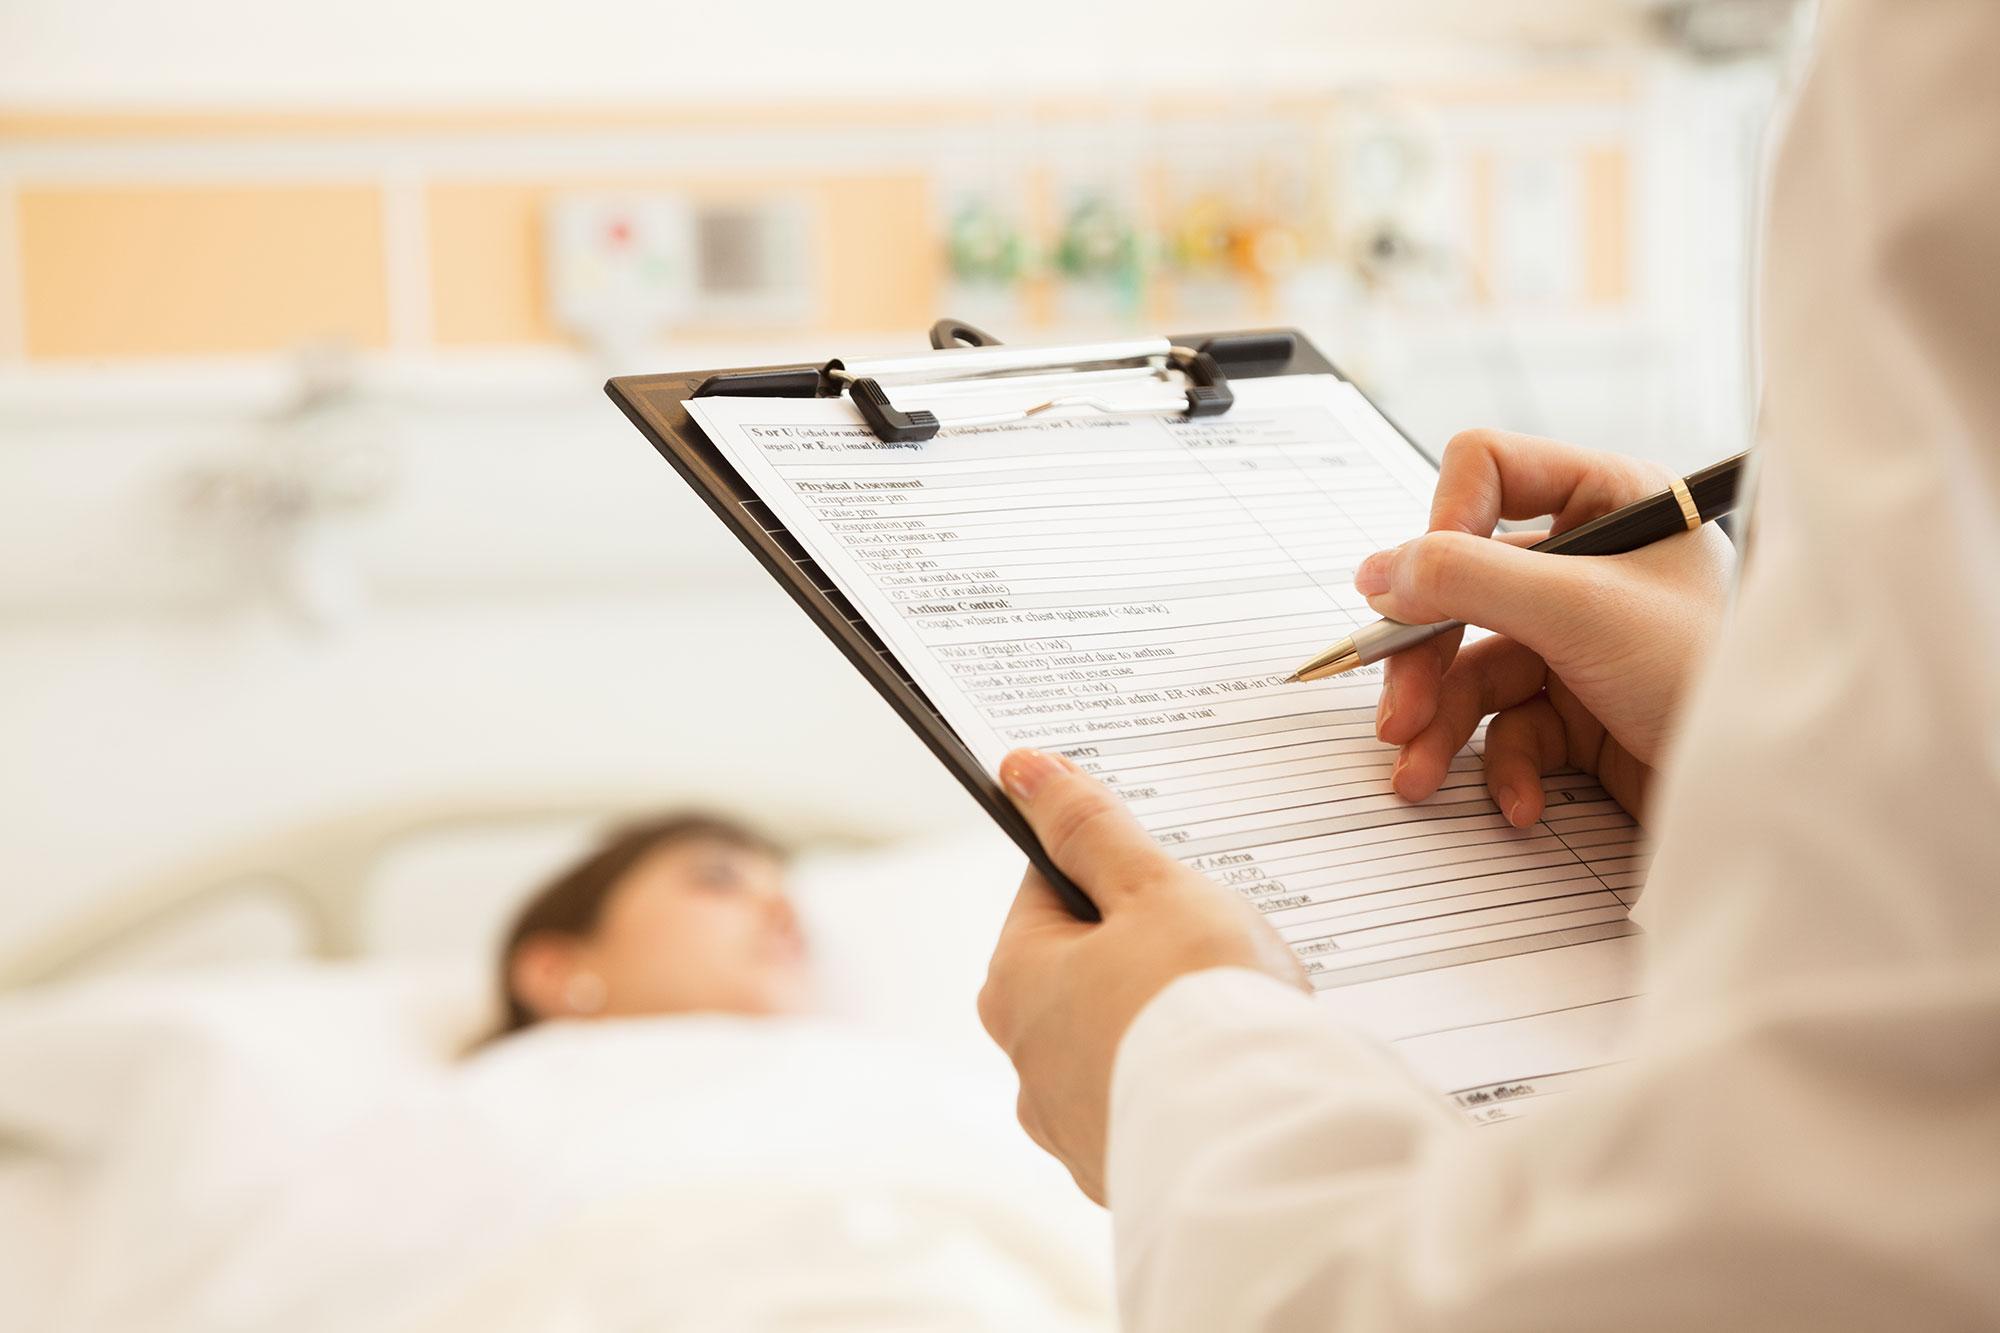 Les centres médicaux comptent parmi les grands oubliés des aides régionales bruxelloises